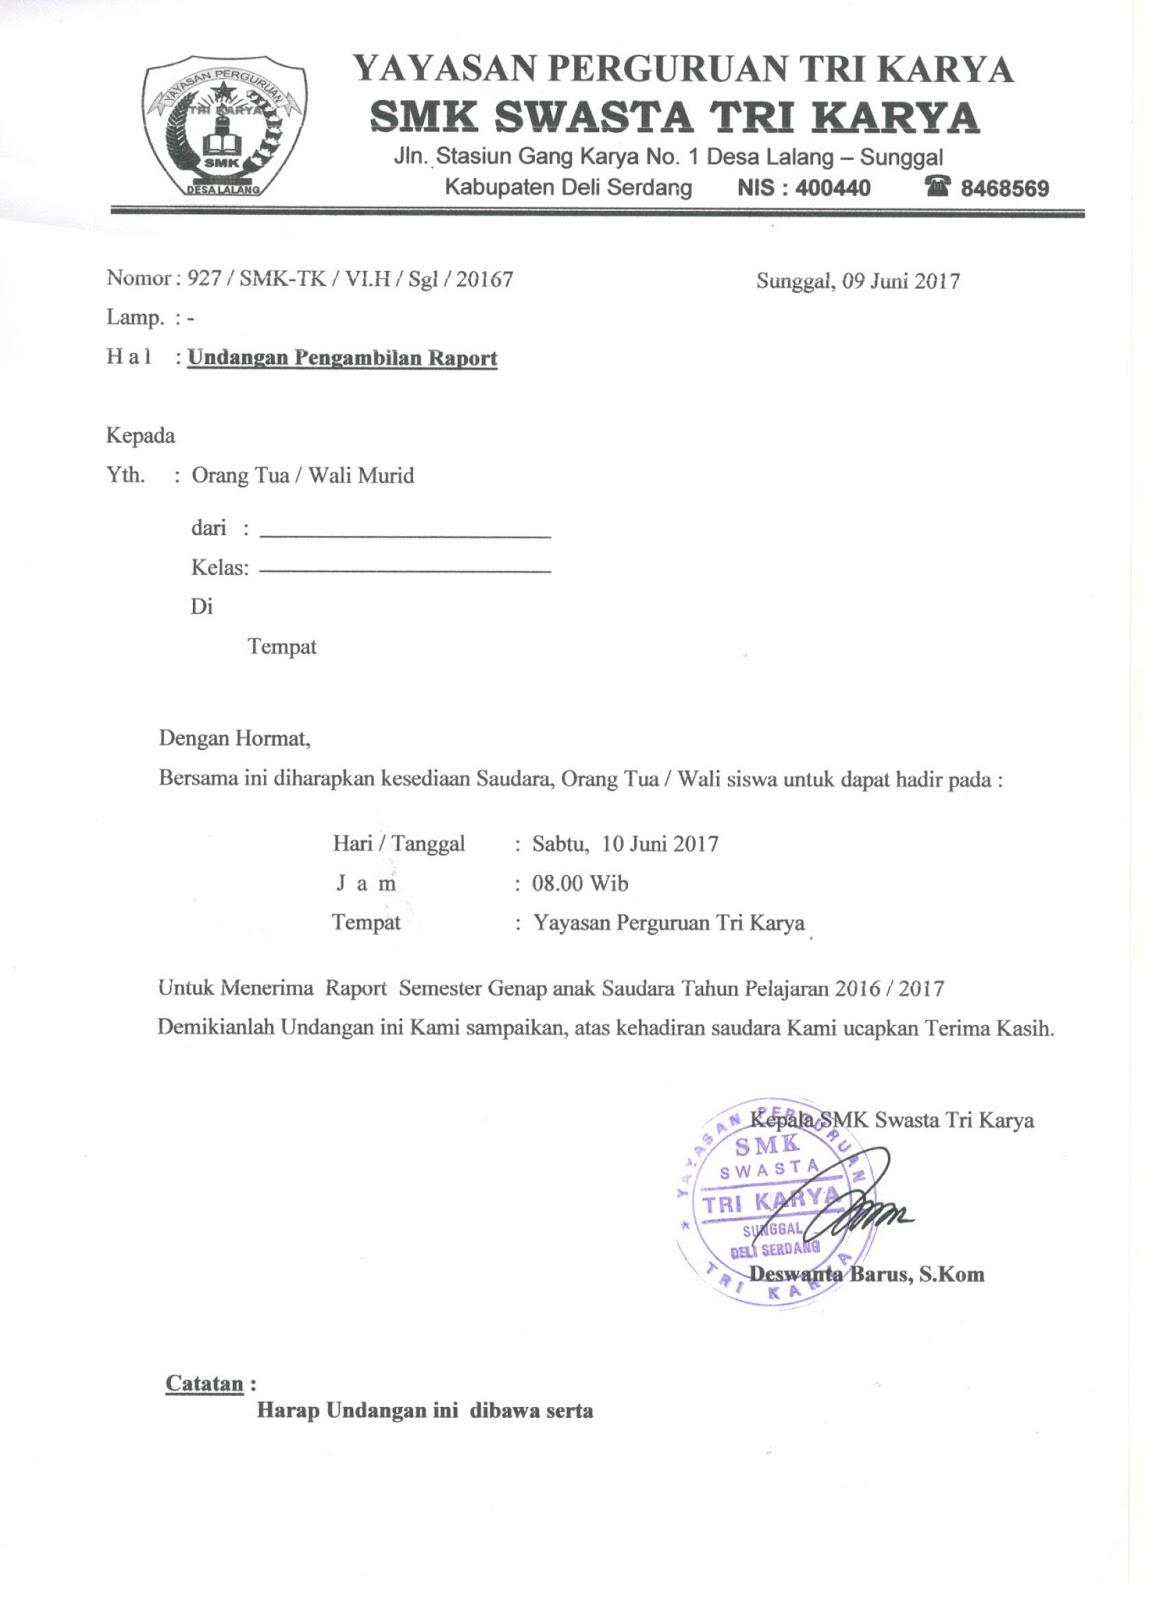 26++ Contoh surat dinas pengambilan raport terbaru yang baik